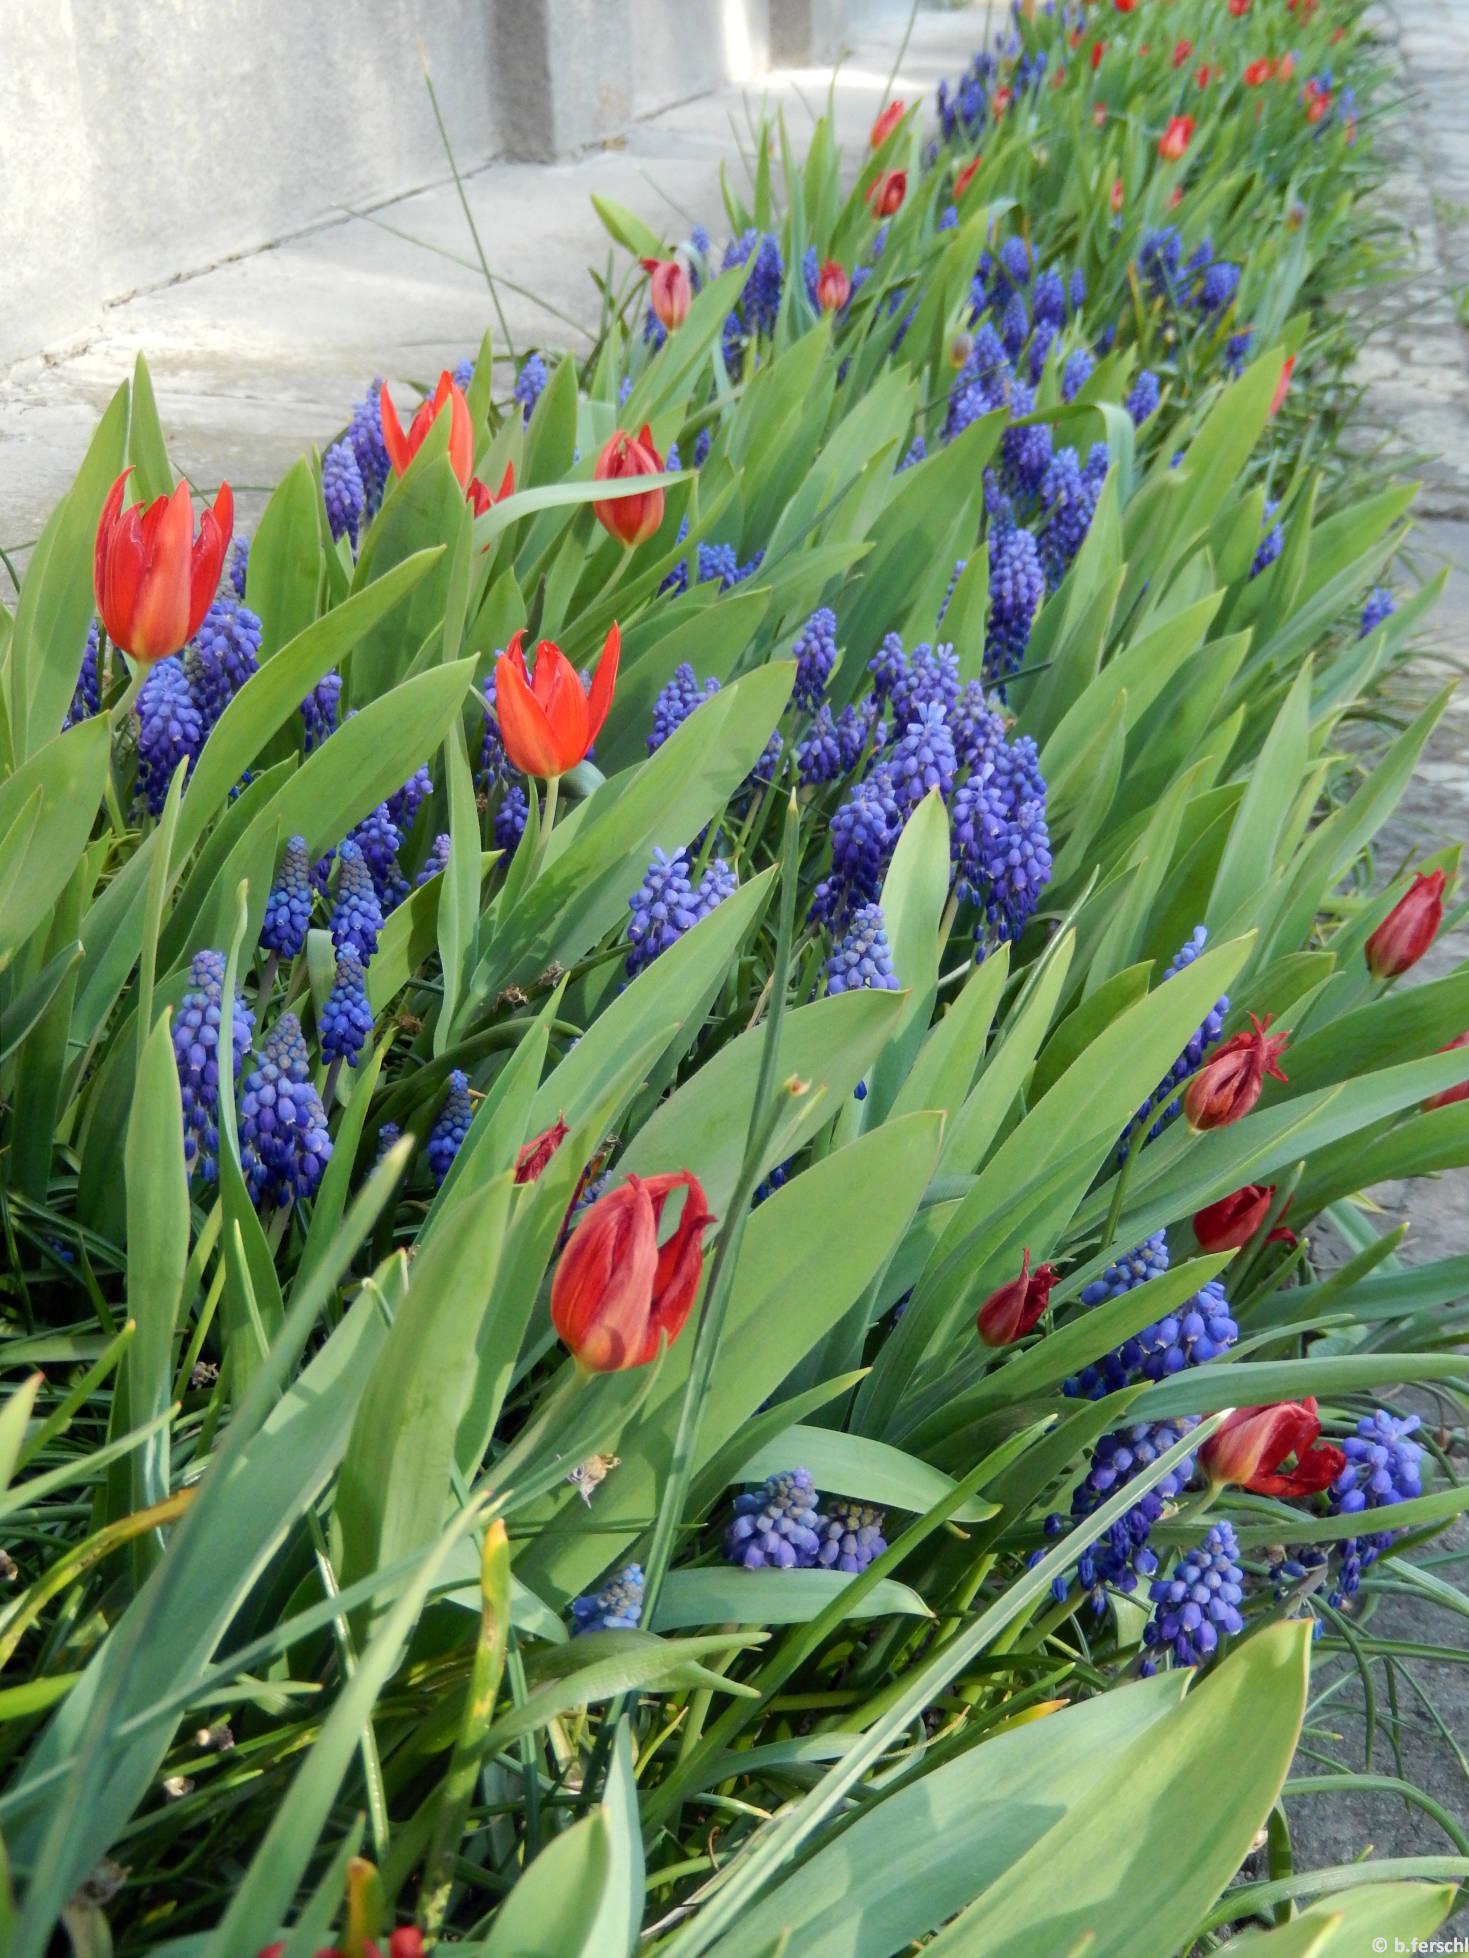 Unicum hisszári tulipán gyöngyikékkel (Tulipa praestans 'Unicum' és Muscari sp.)